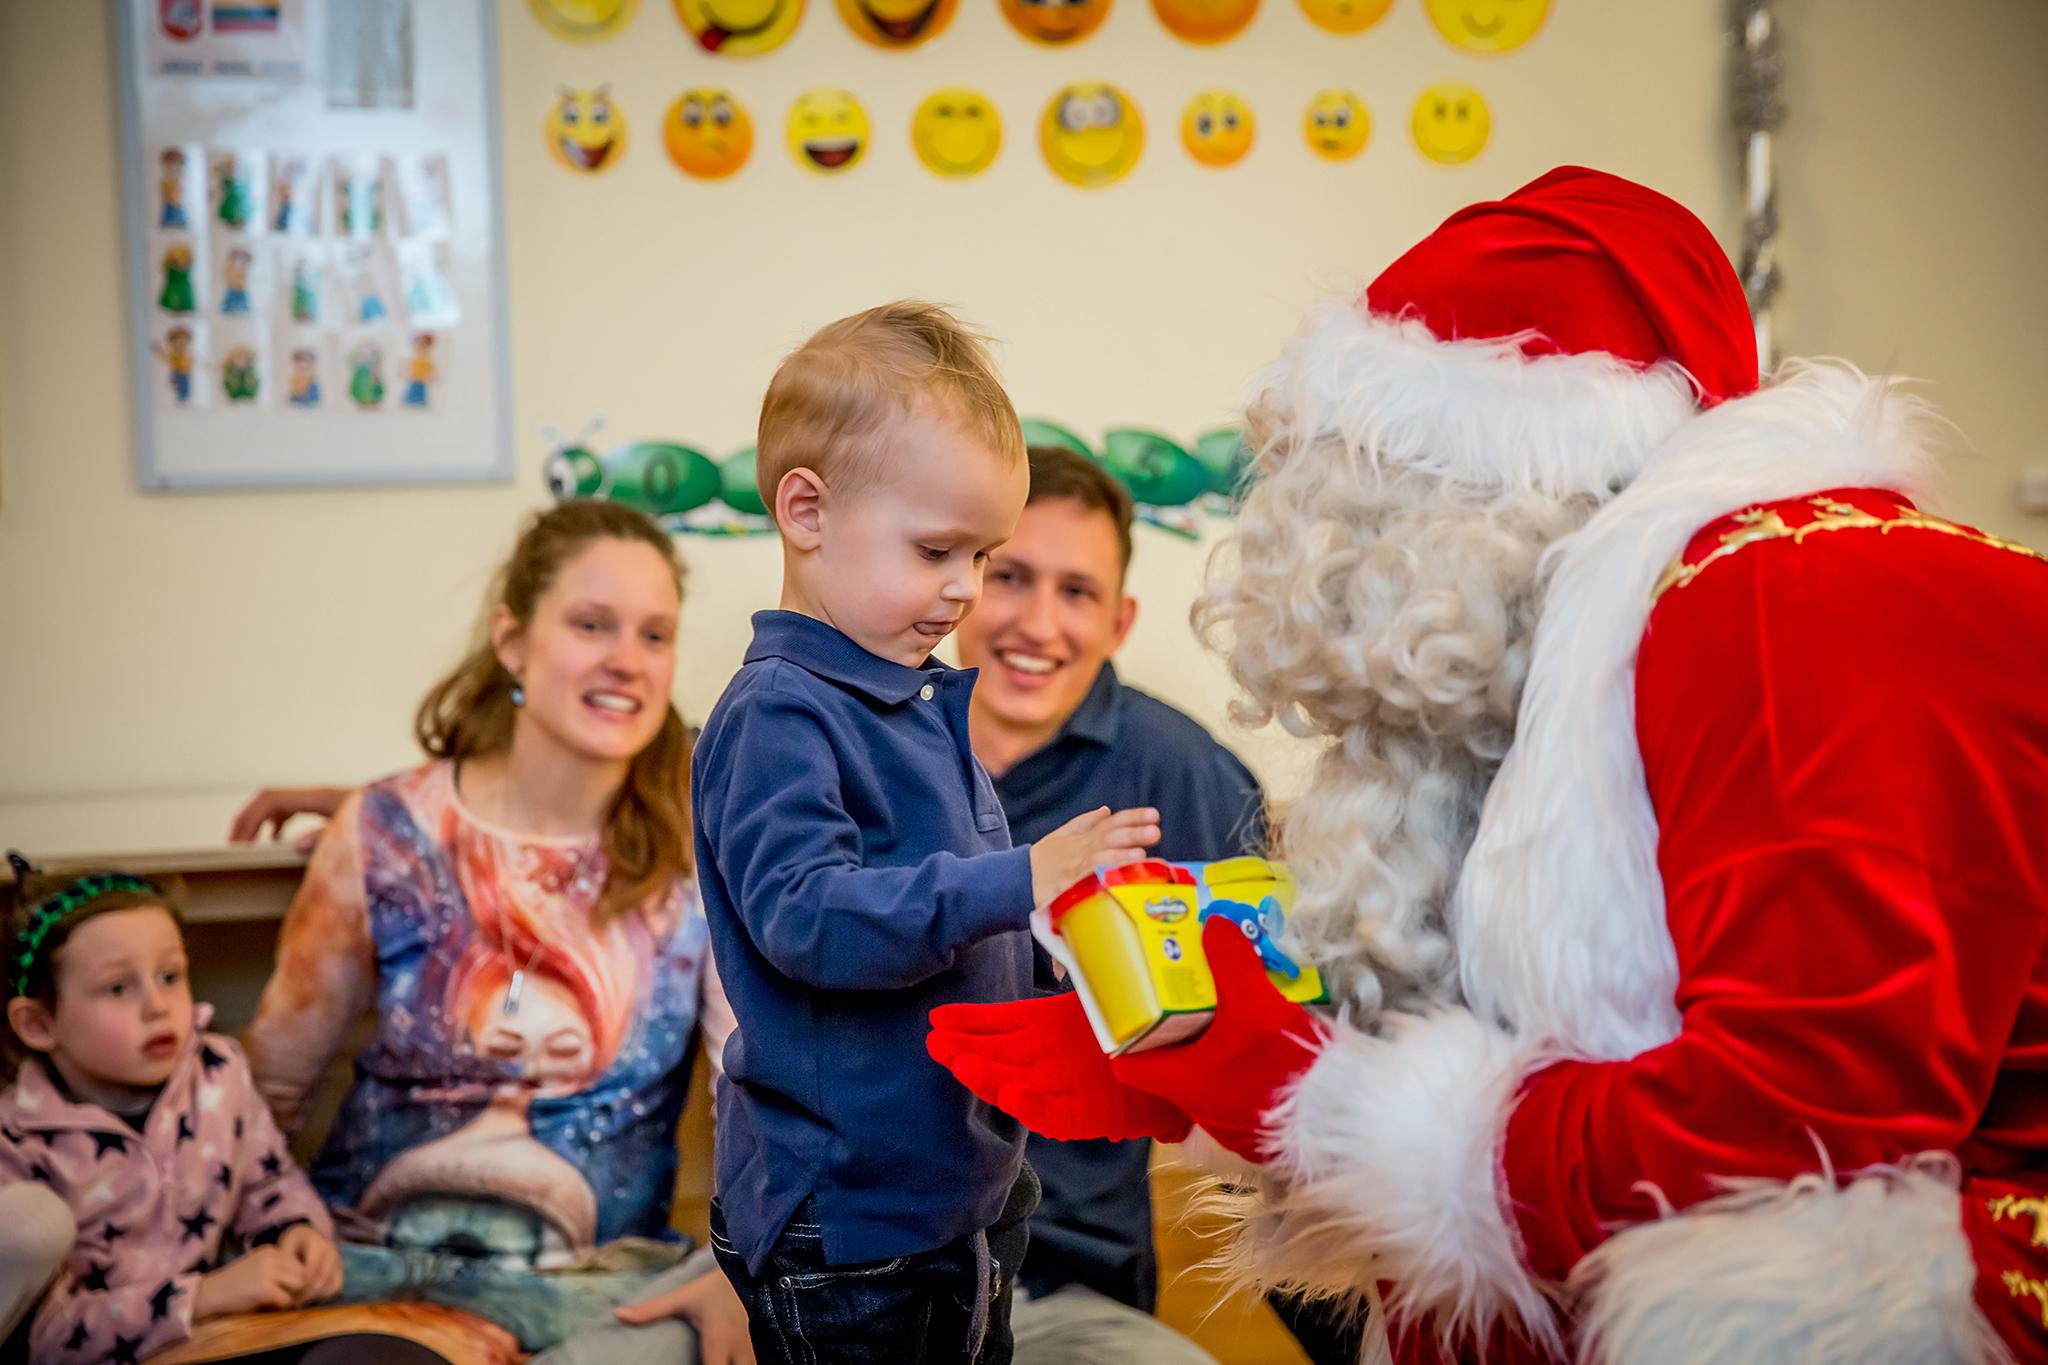 Kalėdinis spektaklis vaikams, visai šeimai. GyviTeatre - muzikinis teatras, teatras vaikams, spektakliai vaikams, interaktyvus miuziklas, miuziklas.